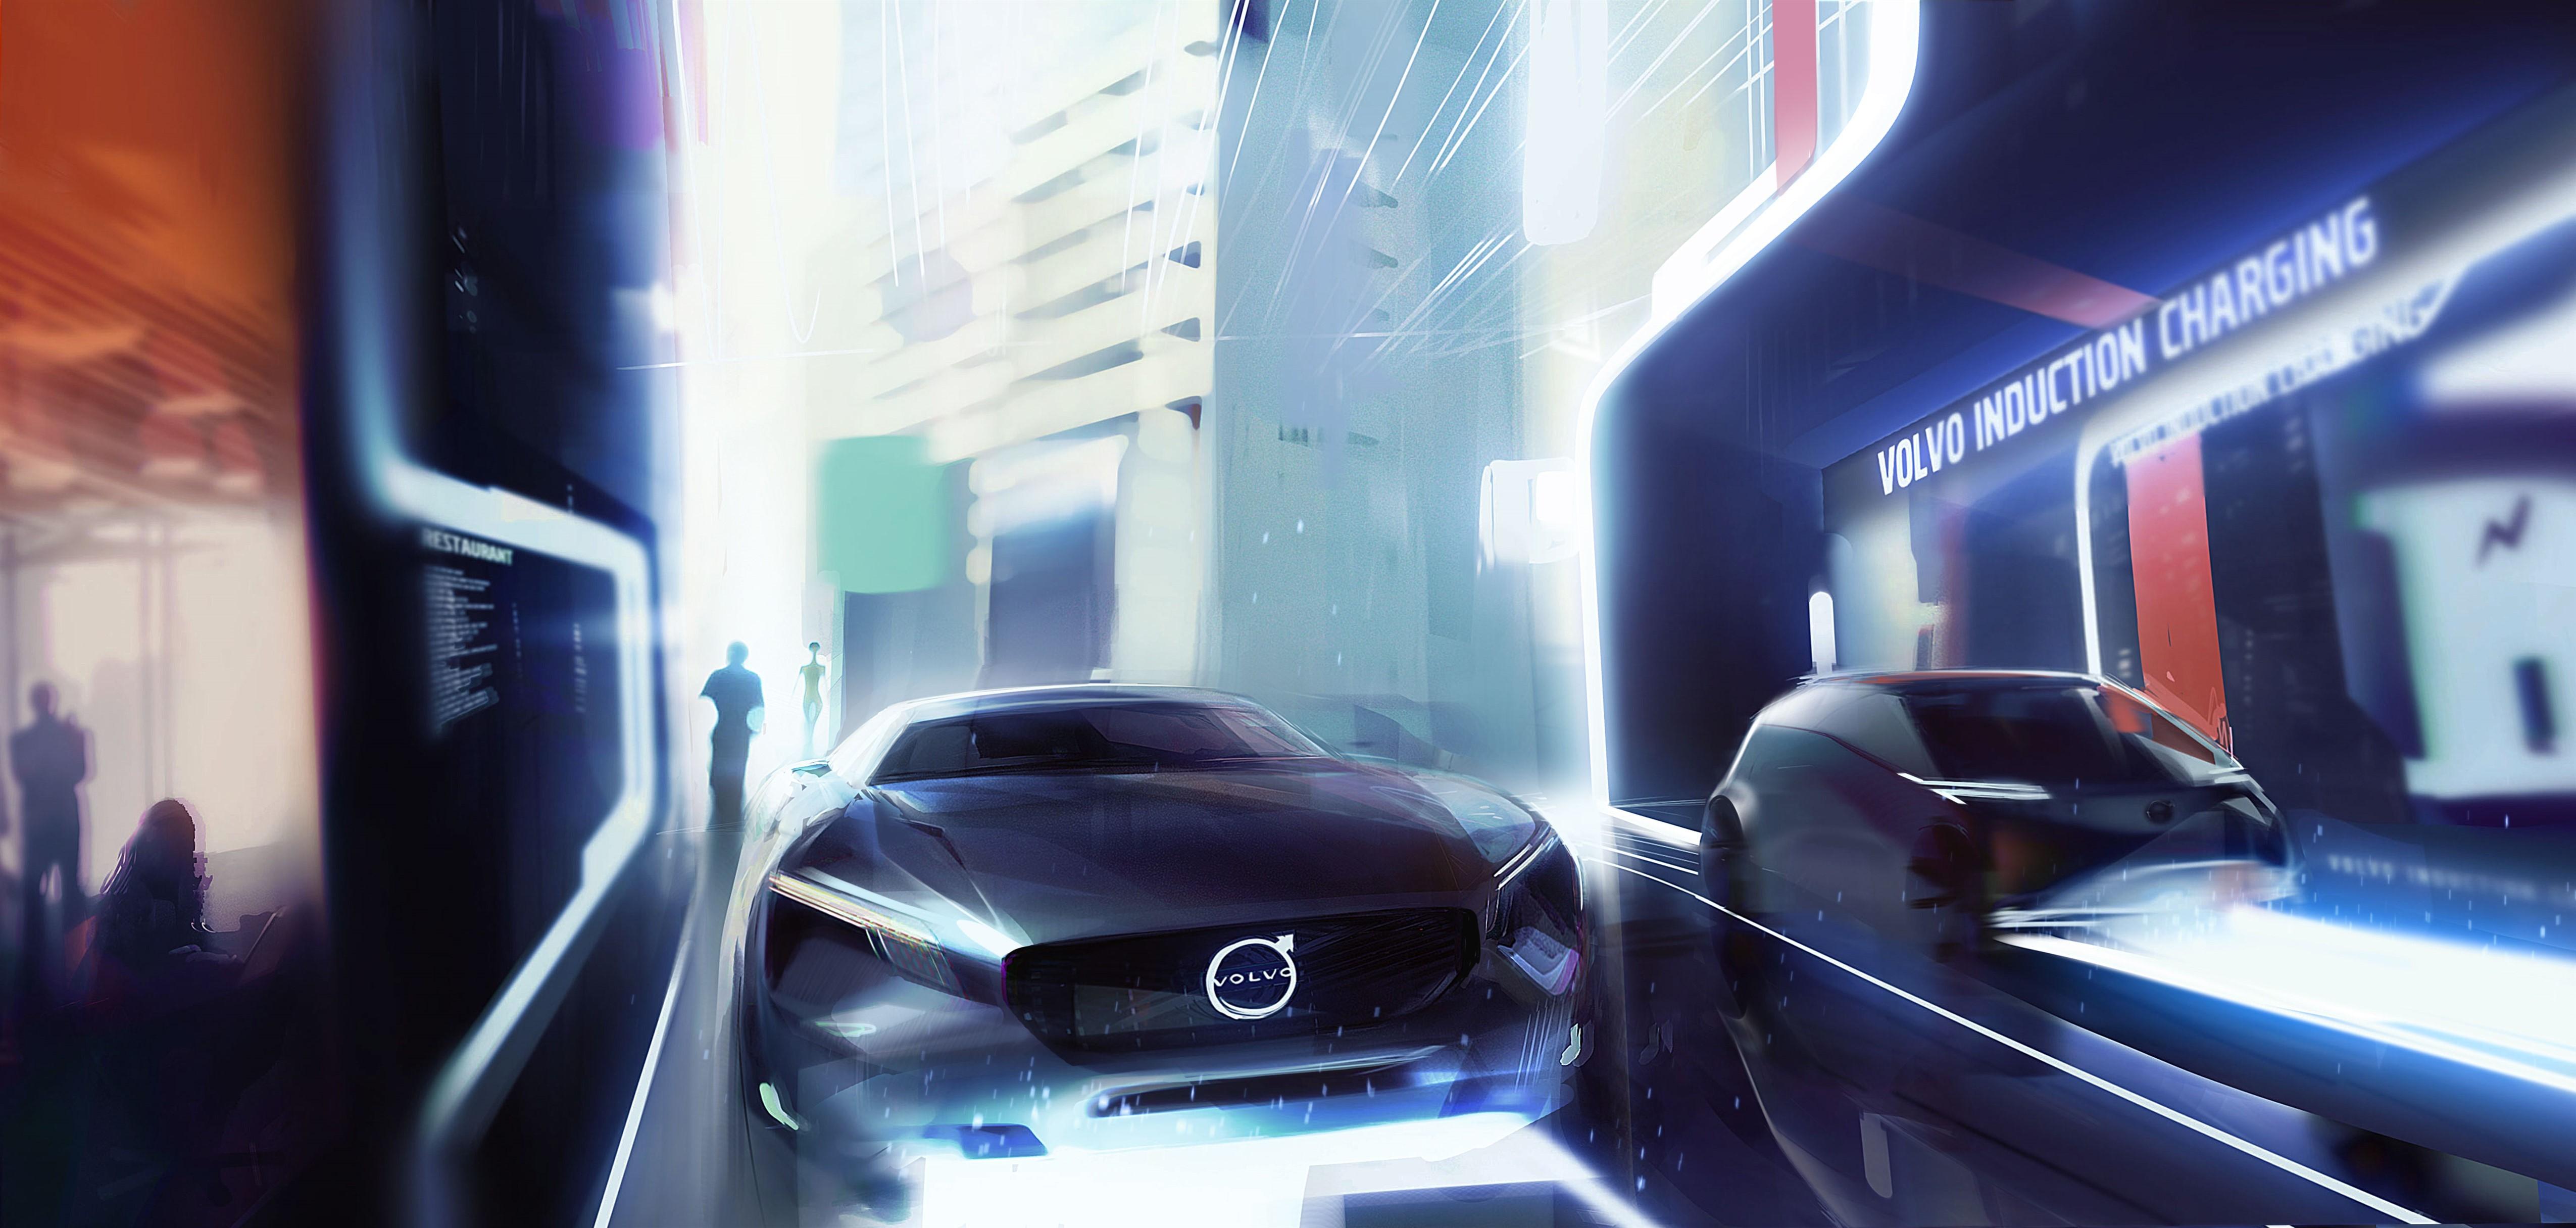 Volvo планує створити єдиний стандарт для зарядки електромобілів - офіційний представник Winner в Україні